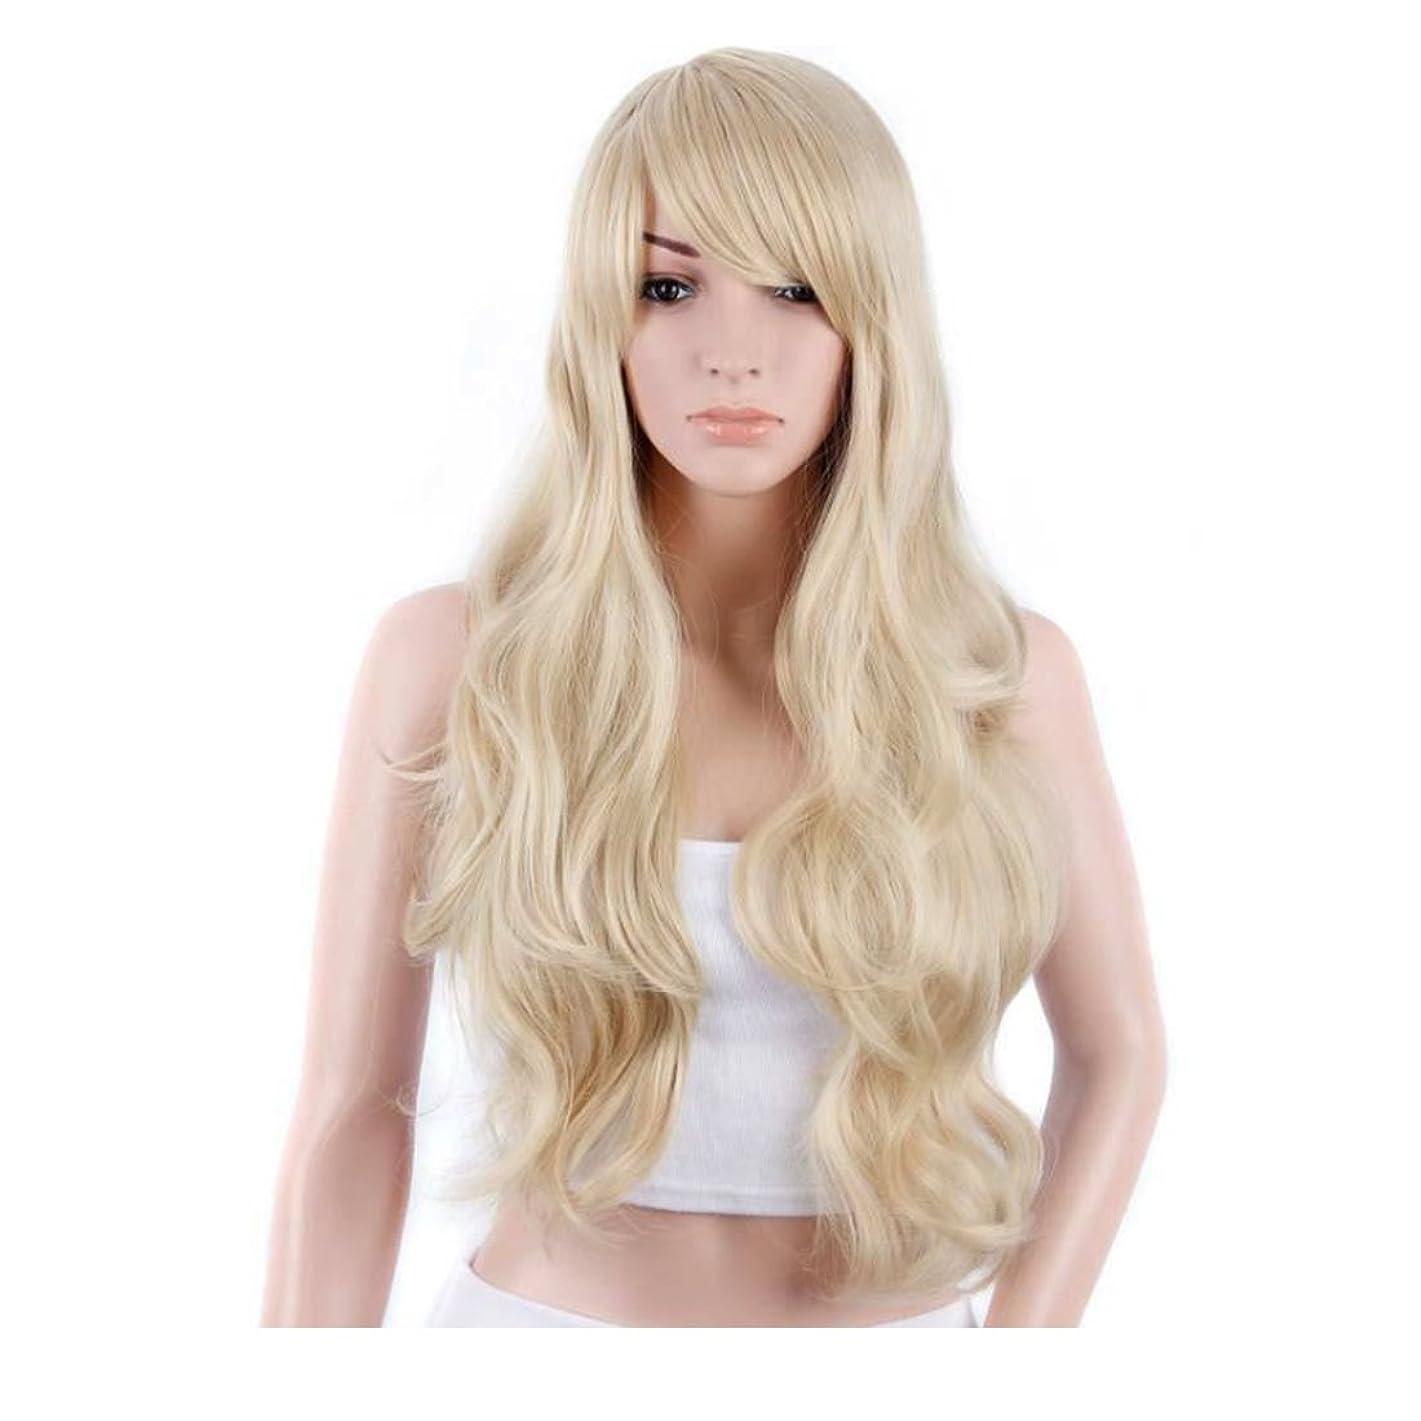 肘ドローマザーランドKoloeplf 女性のための新鮮で素敵な髪型ウィッグロングストレートヘアーパーソナリティオブリックバングウィッグパーソナリティヘアナチュラルカラー21inchの長さのためのふわふわかつら(黒、ベージュ) (Color : Beige)